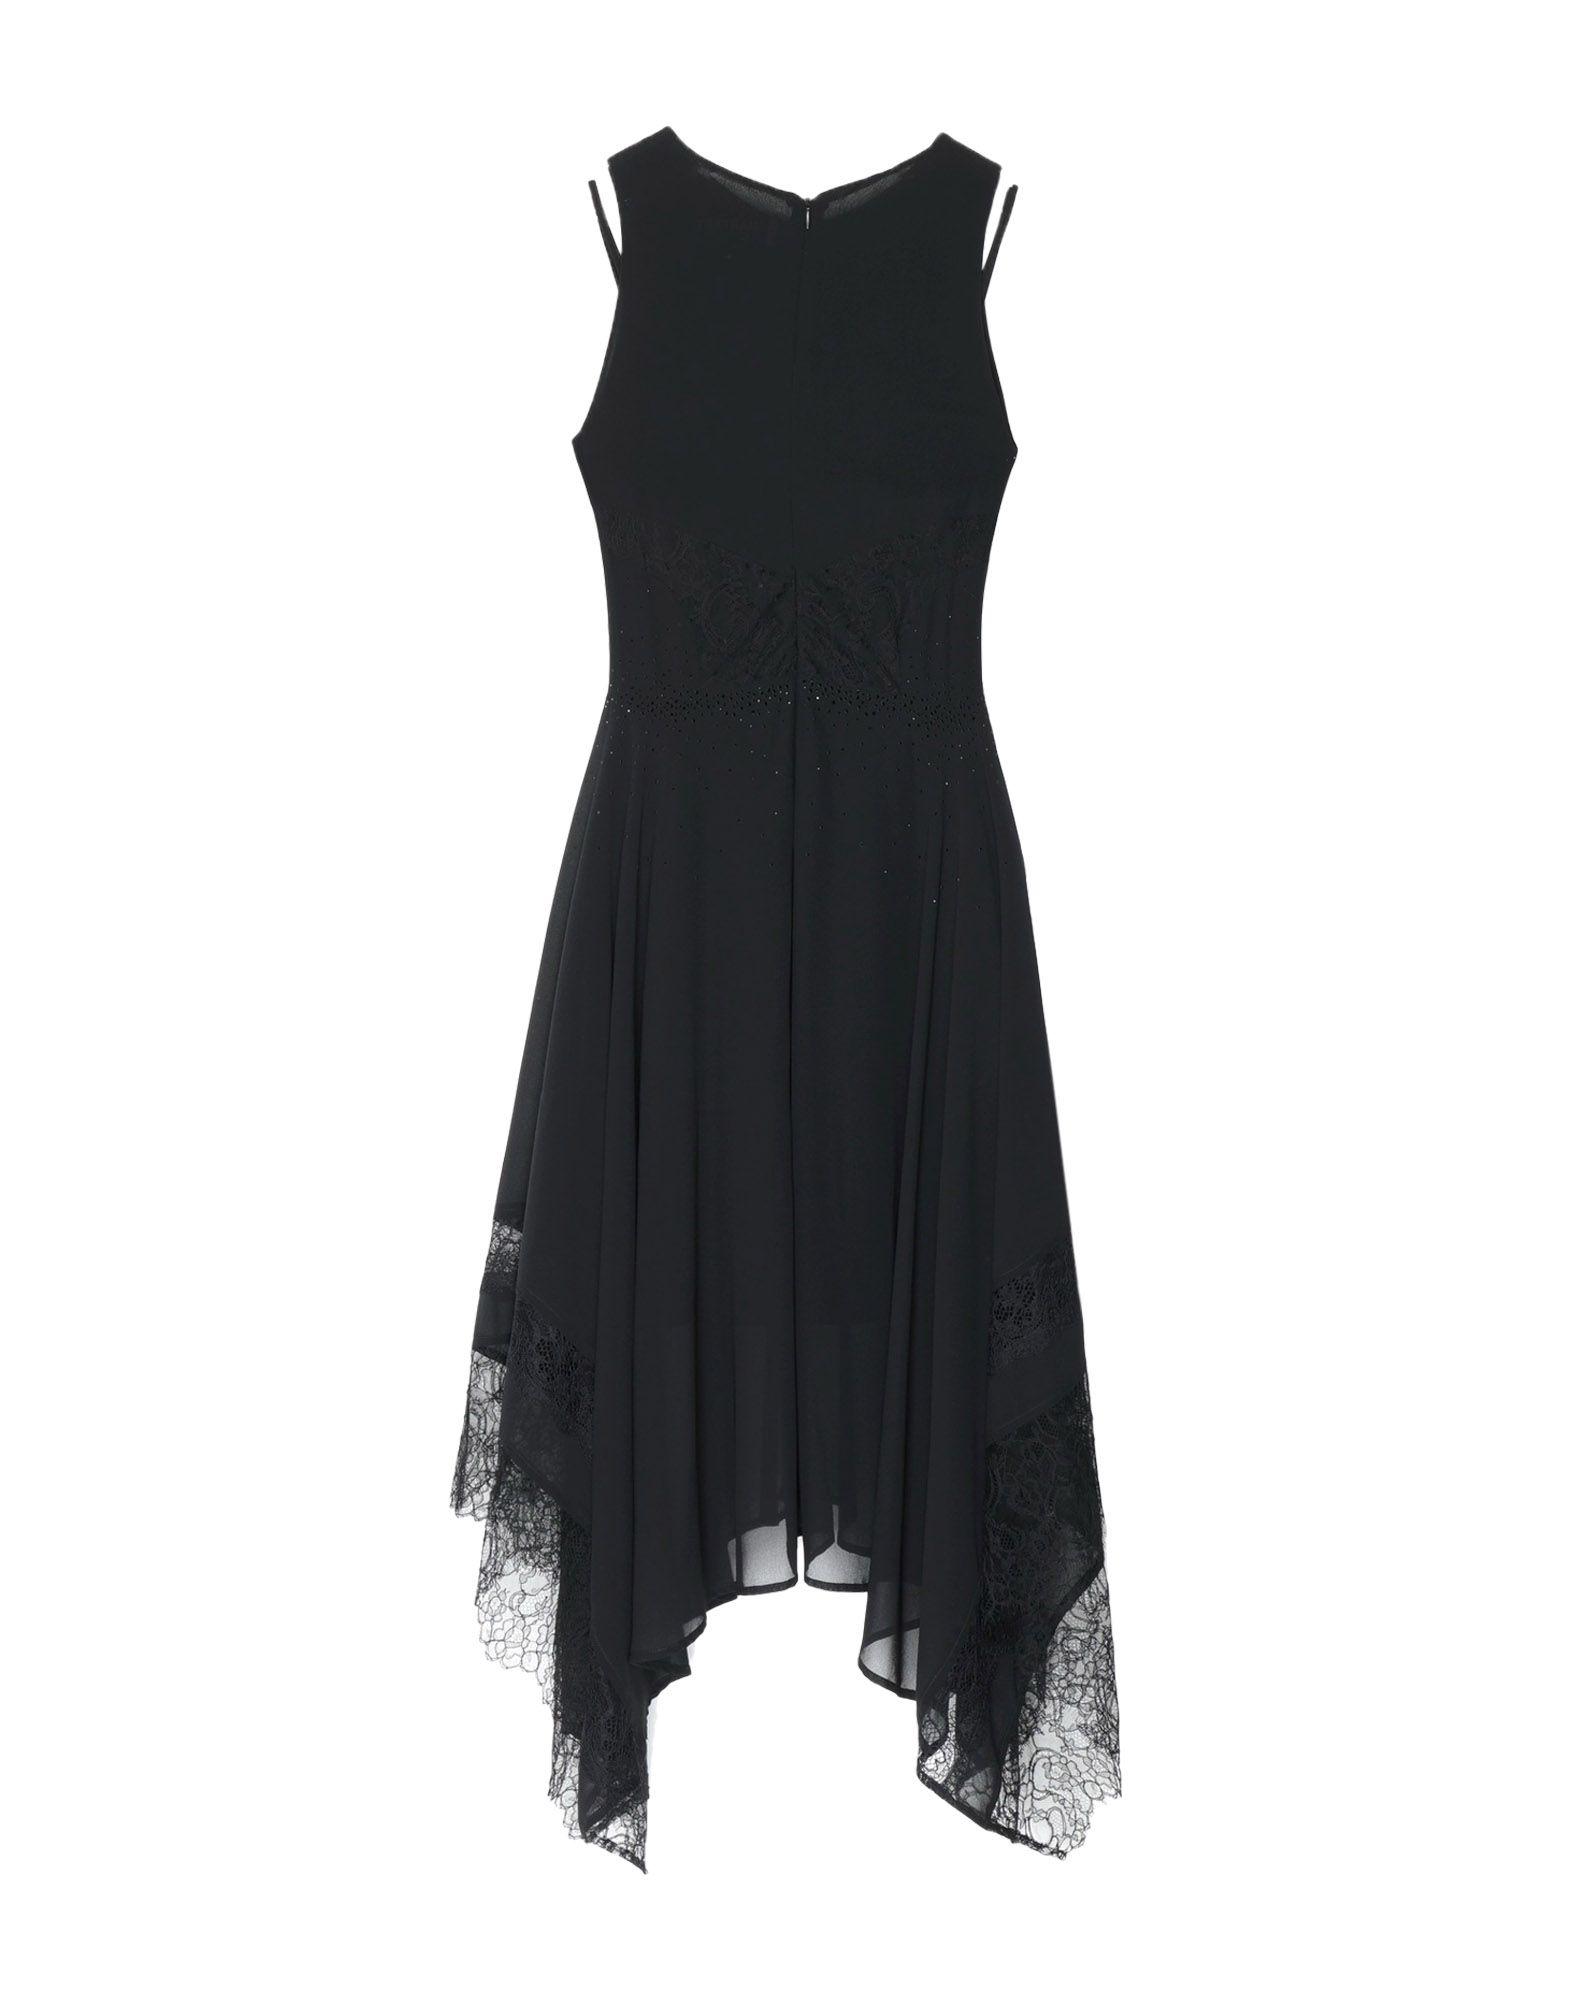 MARTA STUDIO Платье длиной 3/4 платье без рукавов с кружевной вставкой на спинке